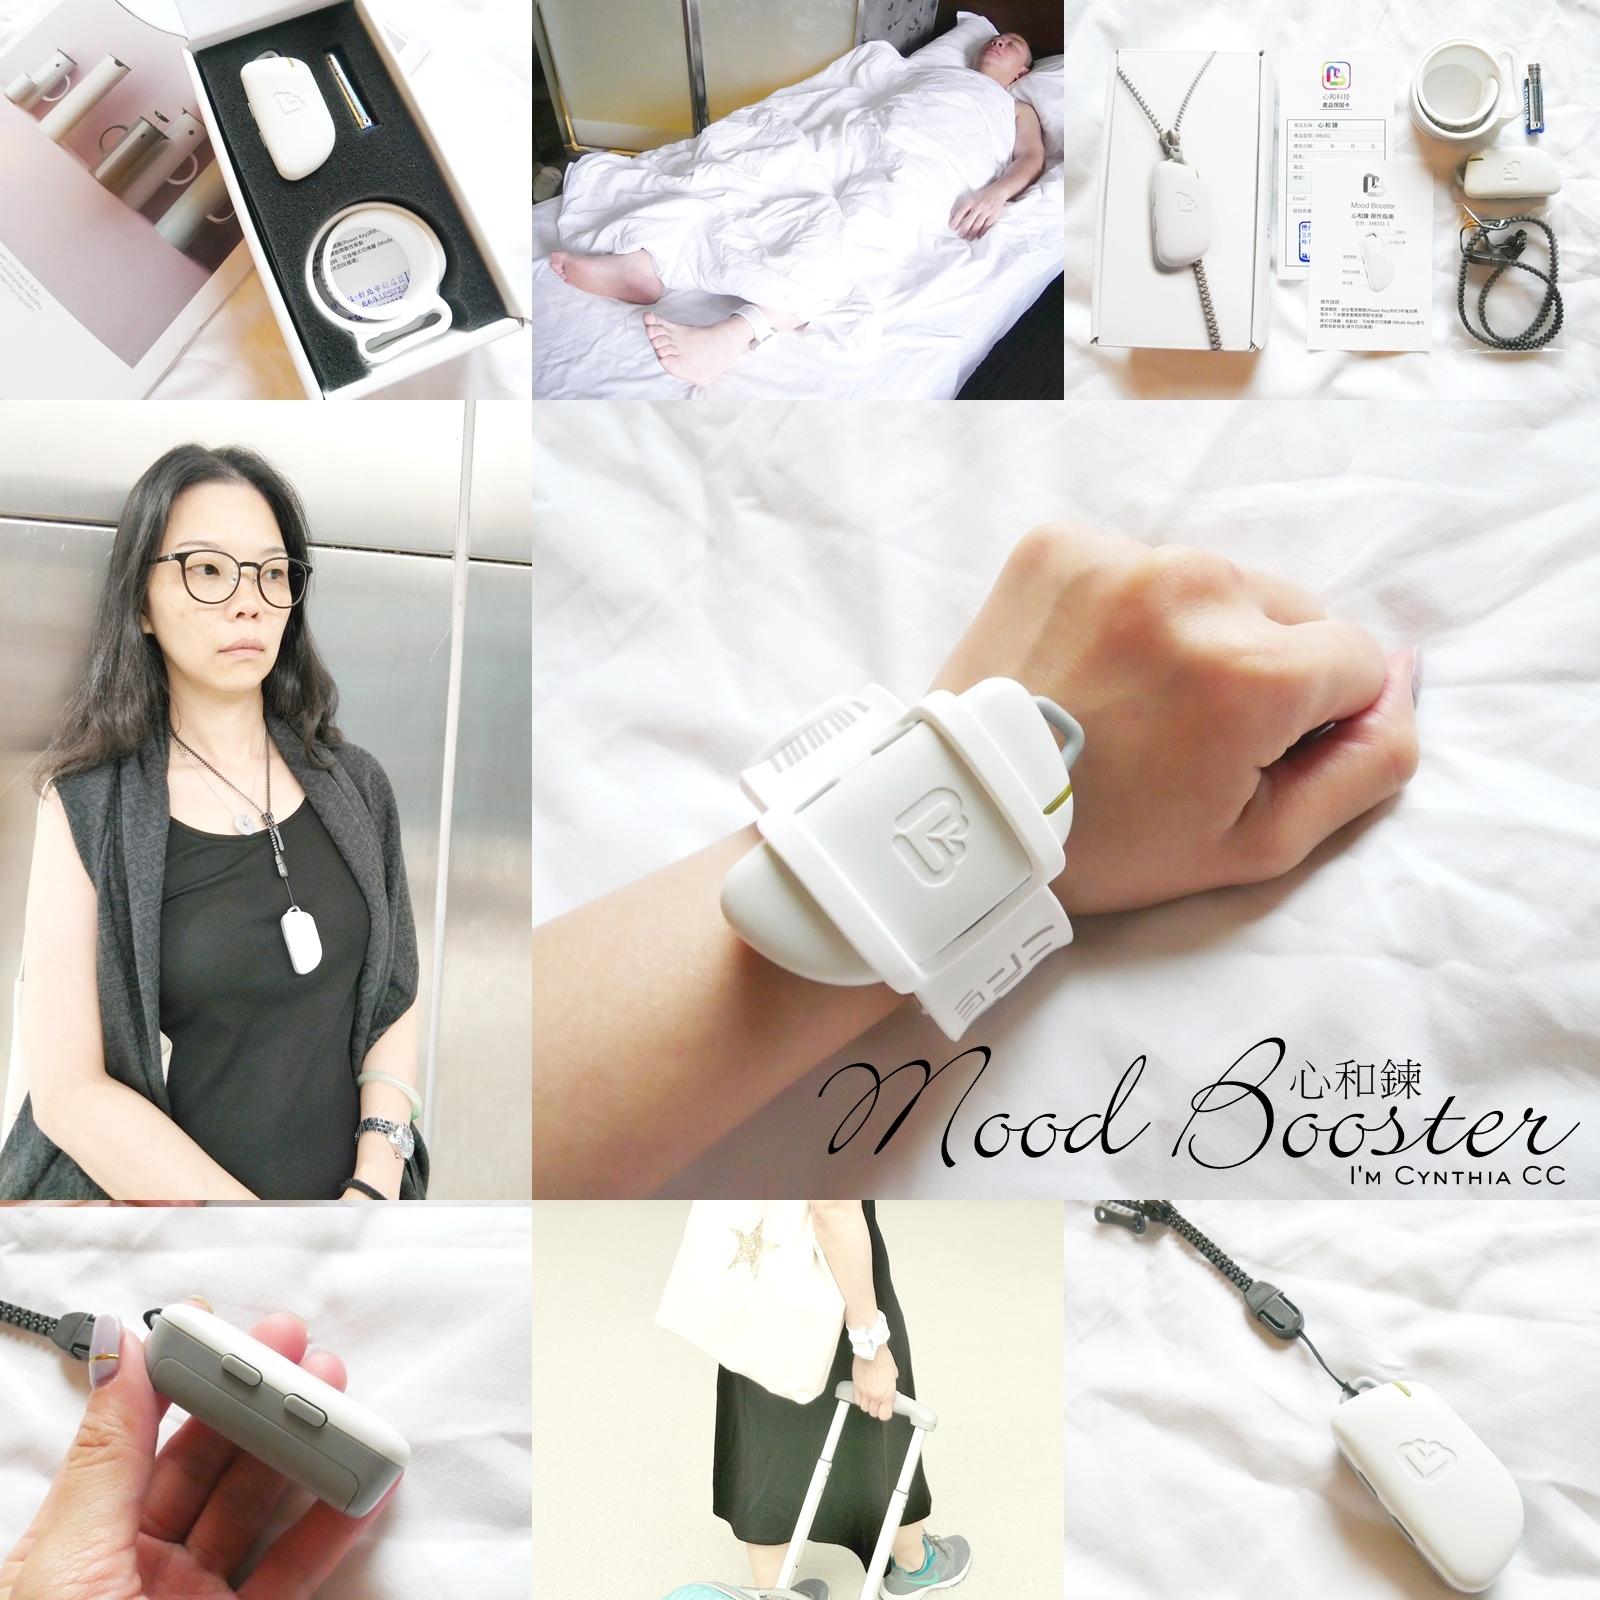 舒緩情緒幫助睡眠的身心穿戴裝置Mood Booster心和鍊